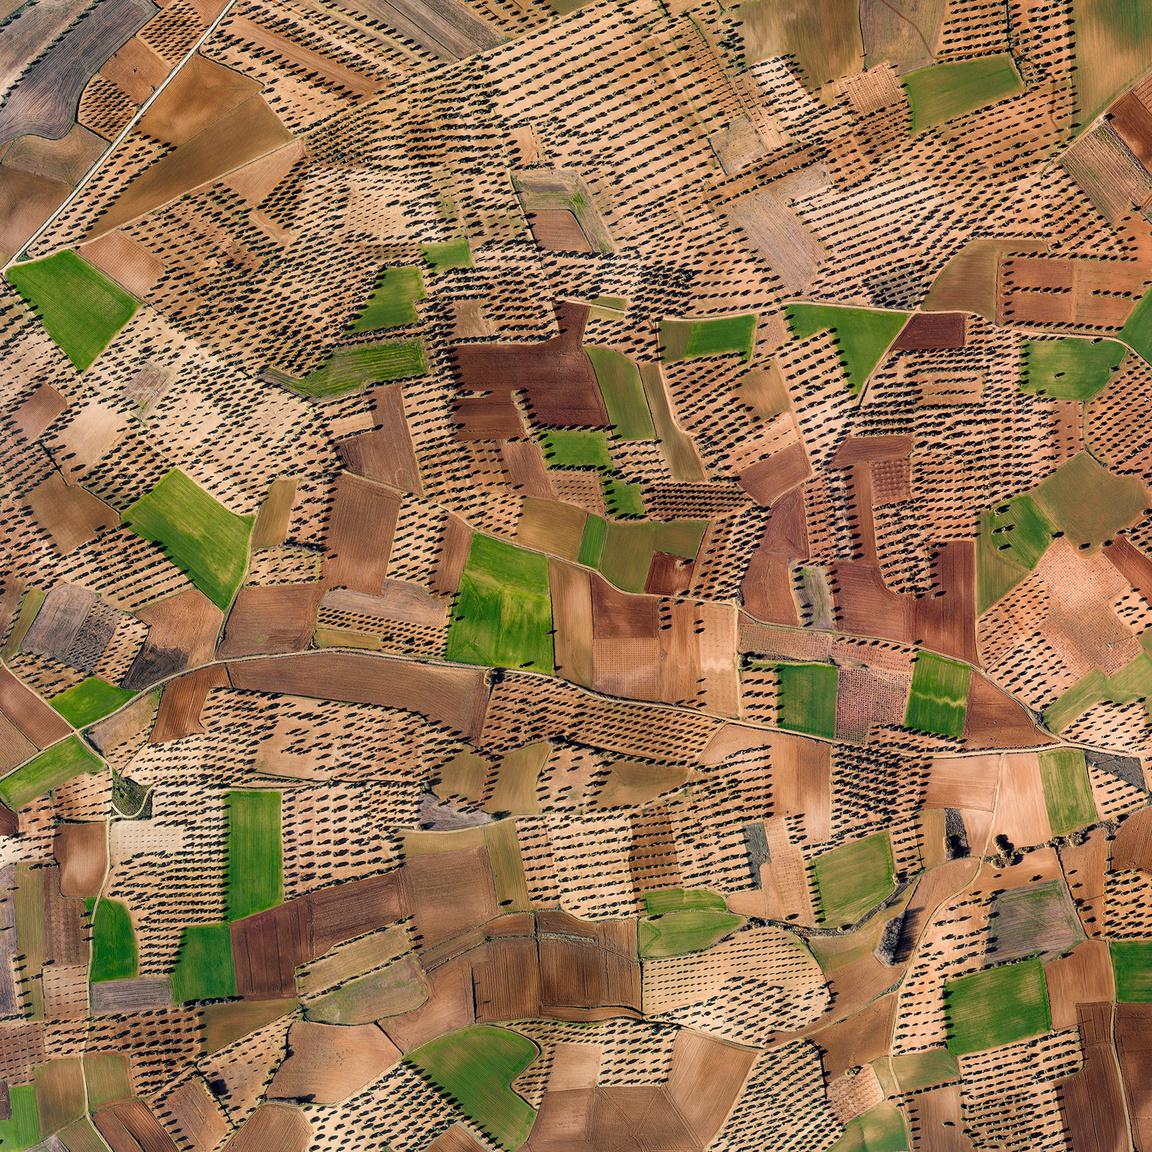 ValdecarábanosOlajfa ültetvények és búzamezők mintázata Madridtól délre, a Cedrón folyó vízgyűjtő területén, ahol ez a két kultúra képes átvészelni a nagy szárazságot és a magas nyári hőmérsékletet.Huerta de Valdecarábanos, Toledo, Spanyolország. 2018.12.31.A képen látható terület szélessége: 1400 m.